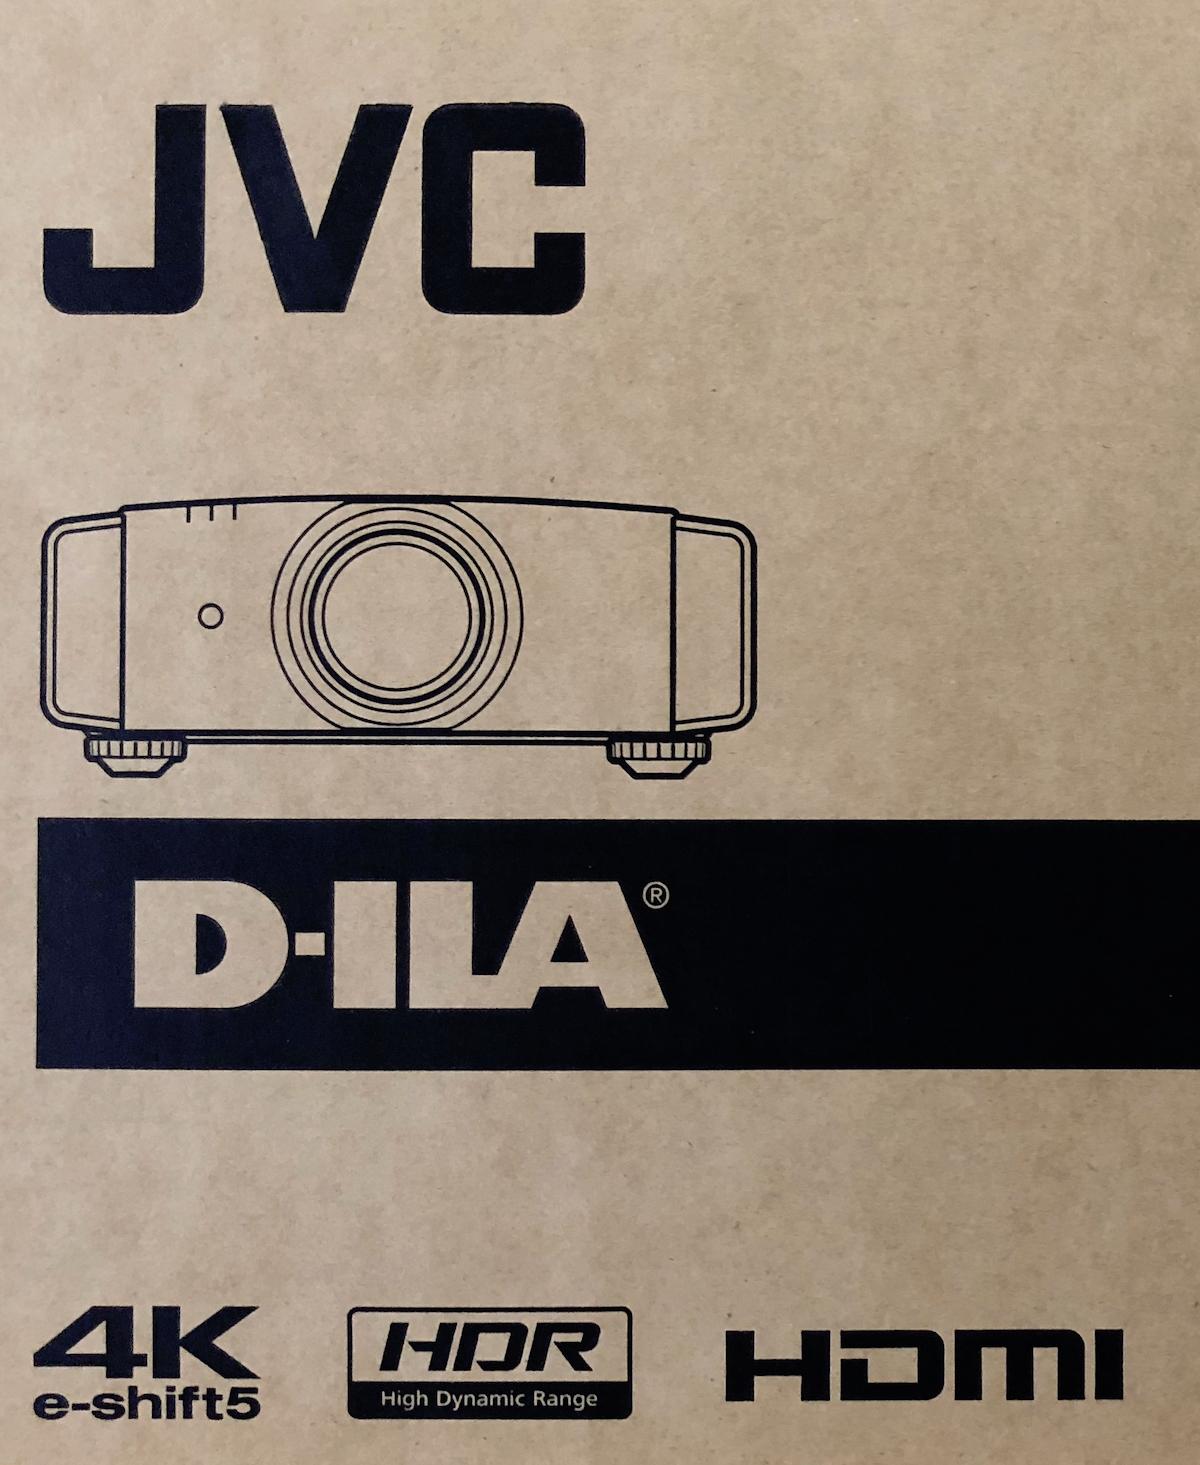 Details about JVC DLA-X790R D-ILA 4K Projector